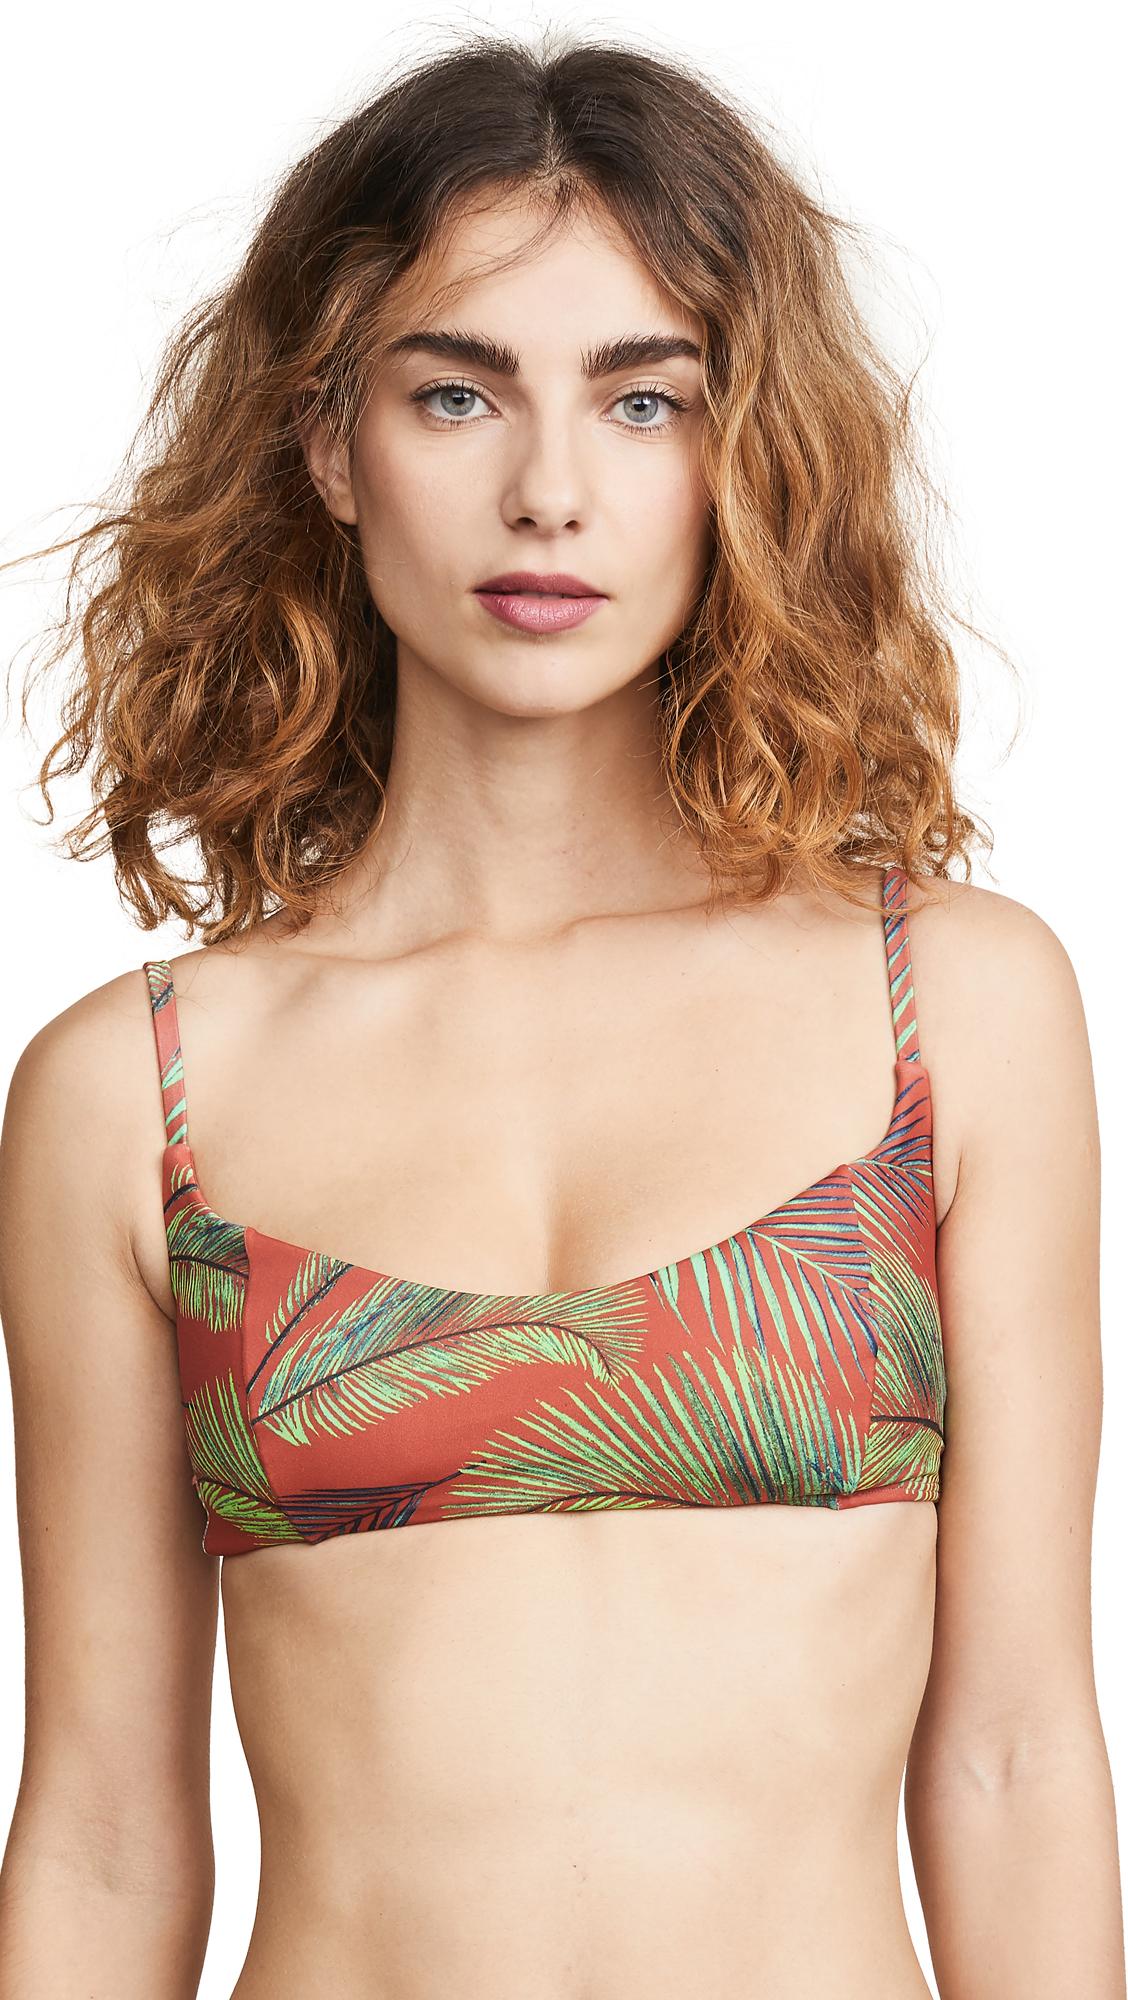 PEIXOTO Jojo Bikini Top in Tuscan/Palm